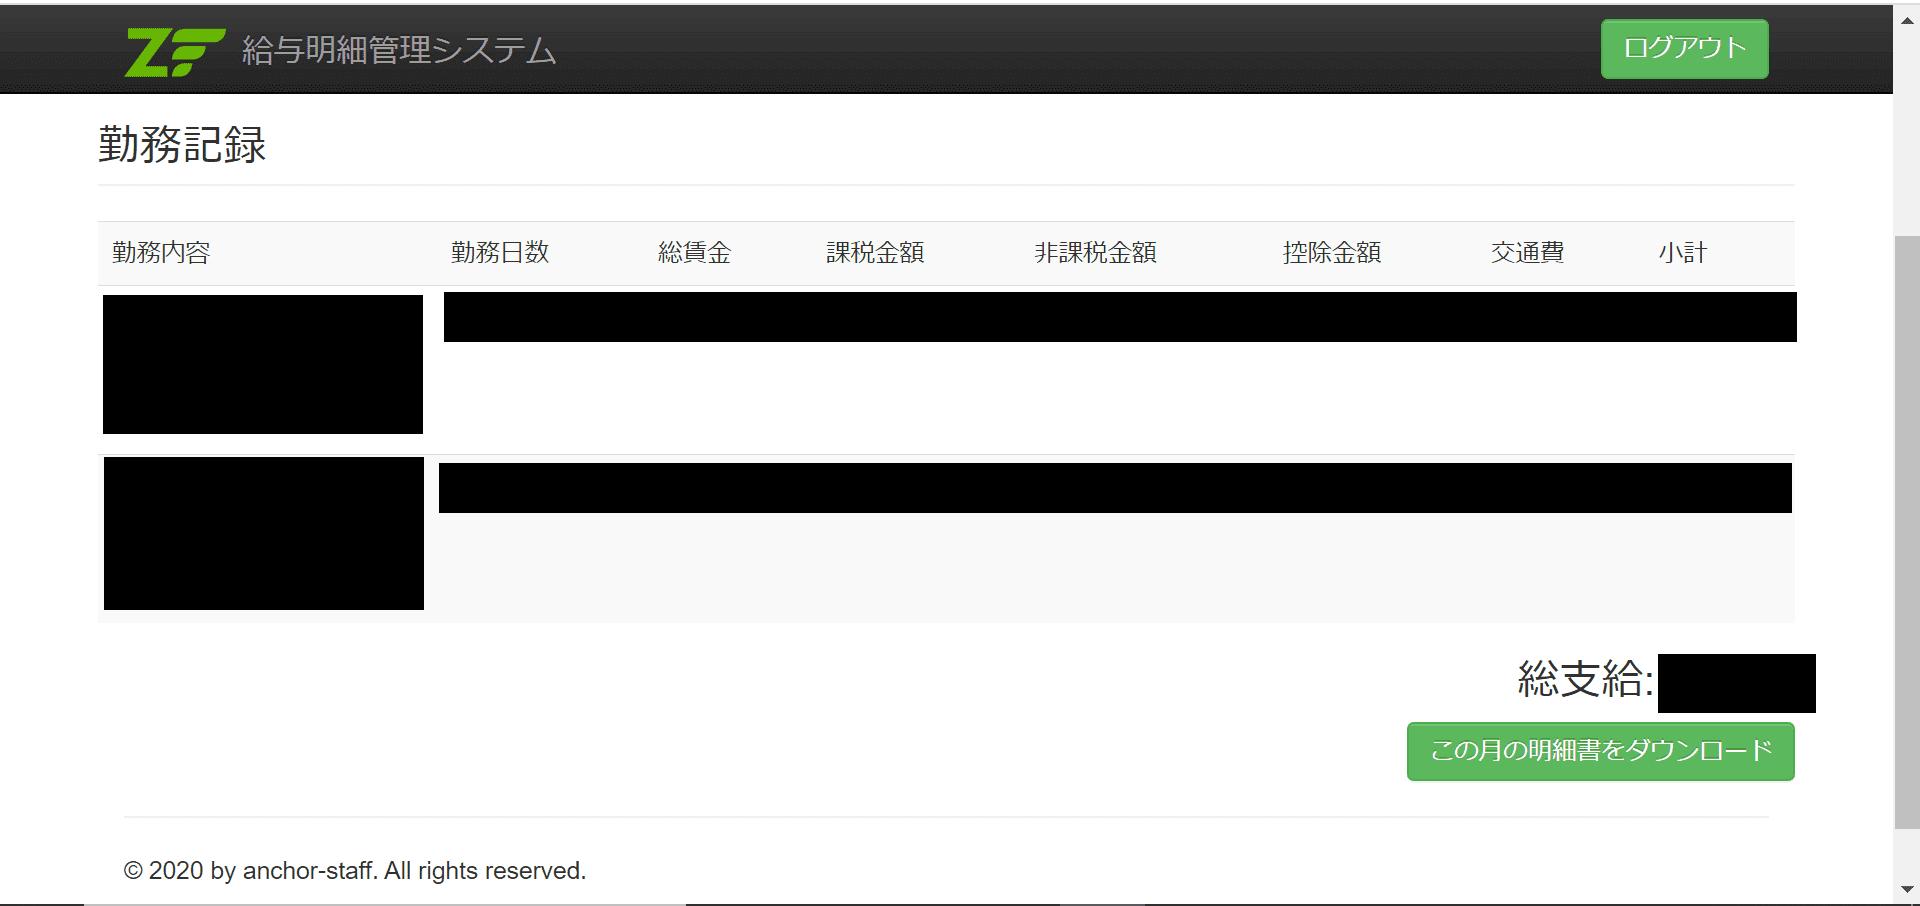 株式会社アンカースタッフ 水戸オフィス